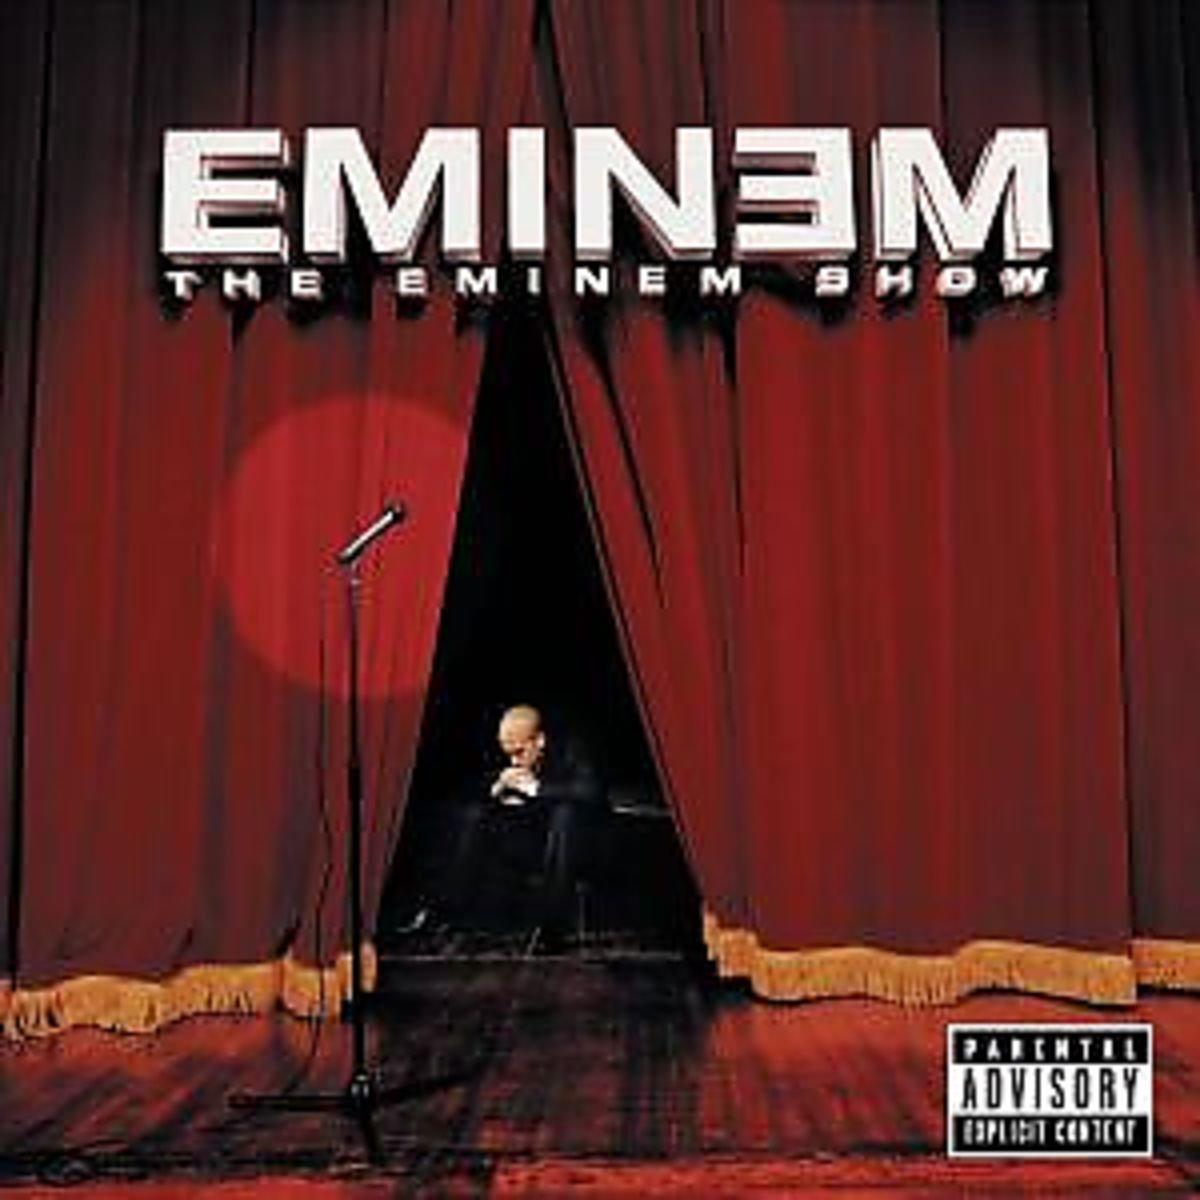 Vinilo : Eminem - The Eminem Show [Explicit Content] (2 Disc)